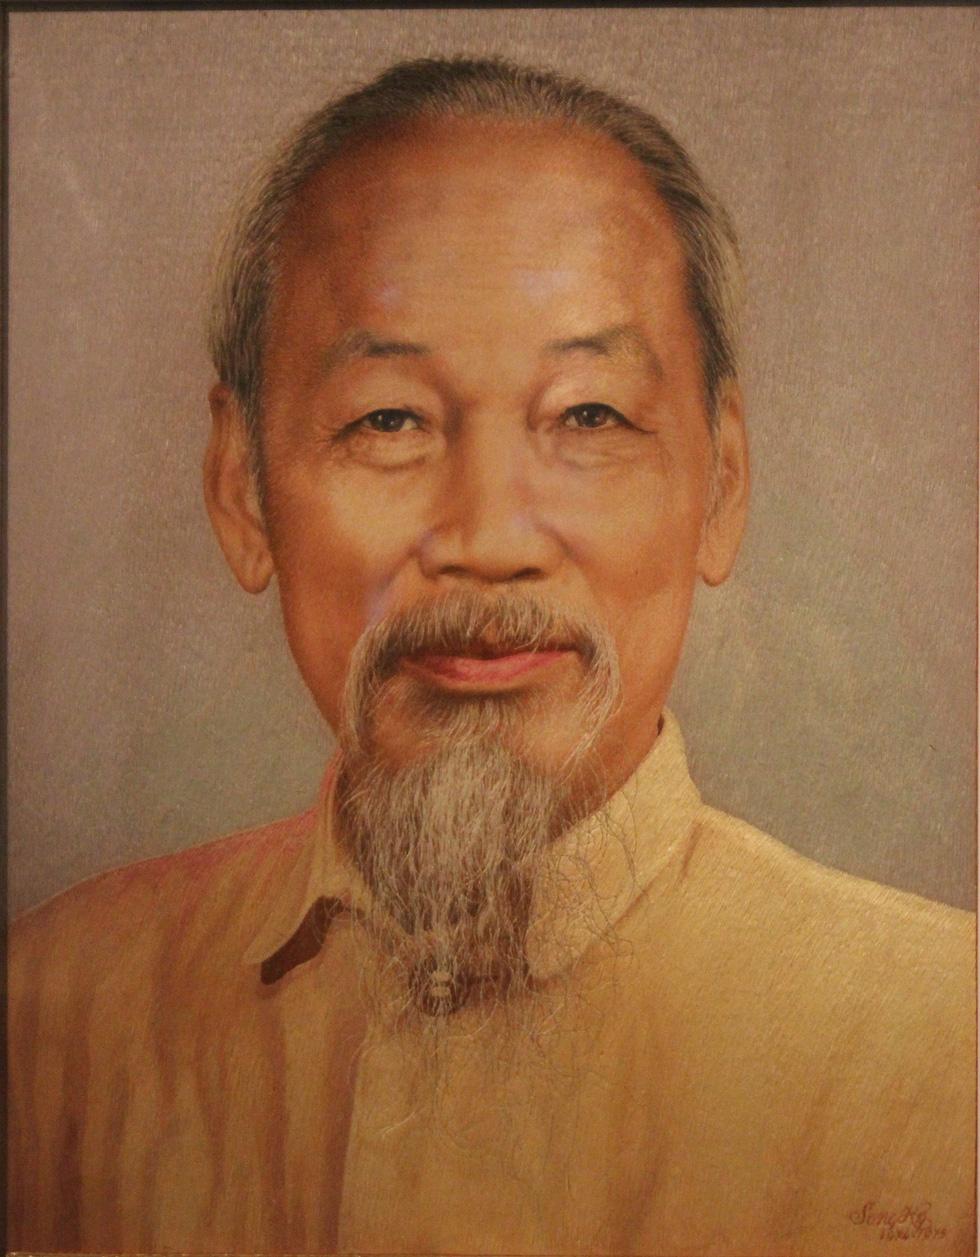 Ngắm tranh danh họa Tô Ngọc Vân, Trần Văn Cẩn vẽ Bác Hồ - Ảnh 4.